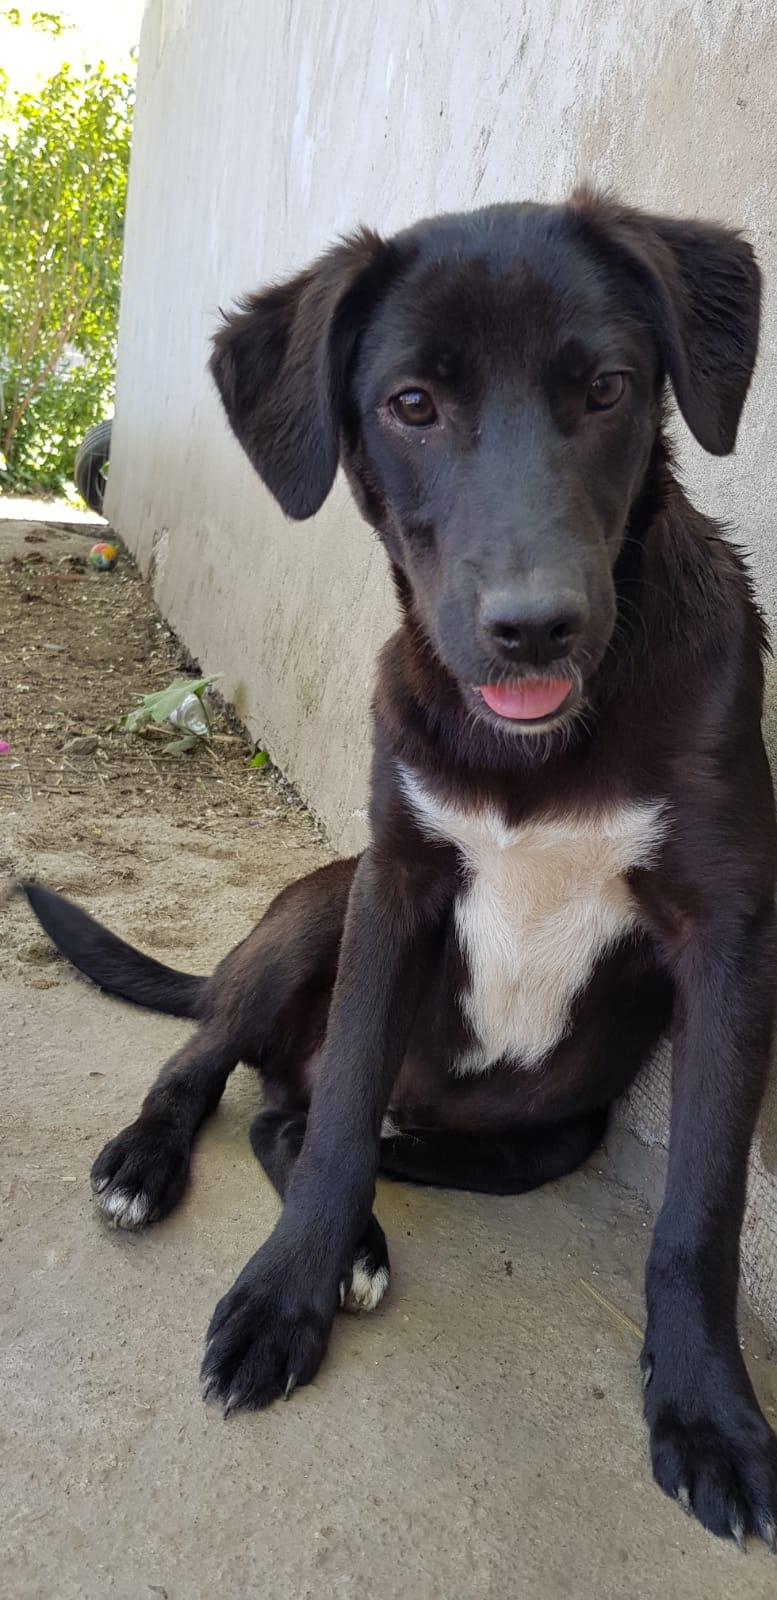 Christo - CHRISTO, mâle, noir poitrail blanc, né en NOV 2017, portée de Naola trouvé enfermé dans un sac- Marrainé par Magda D. -R-SC Orco_512